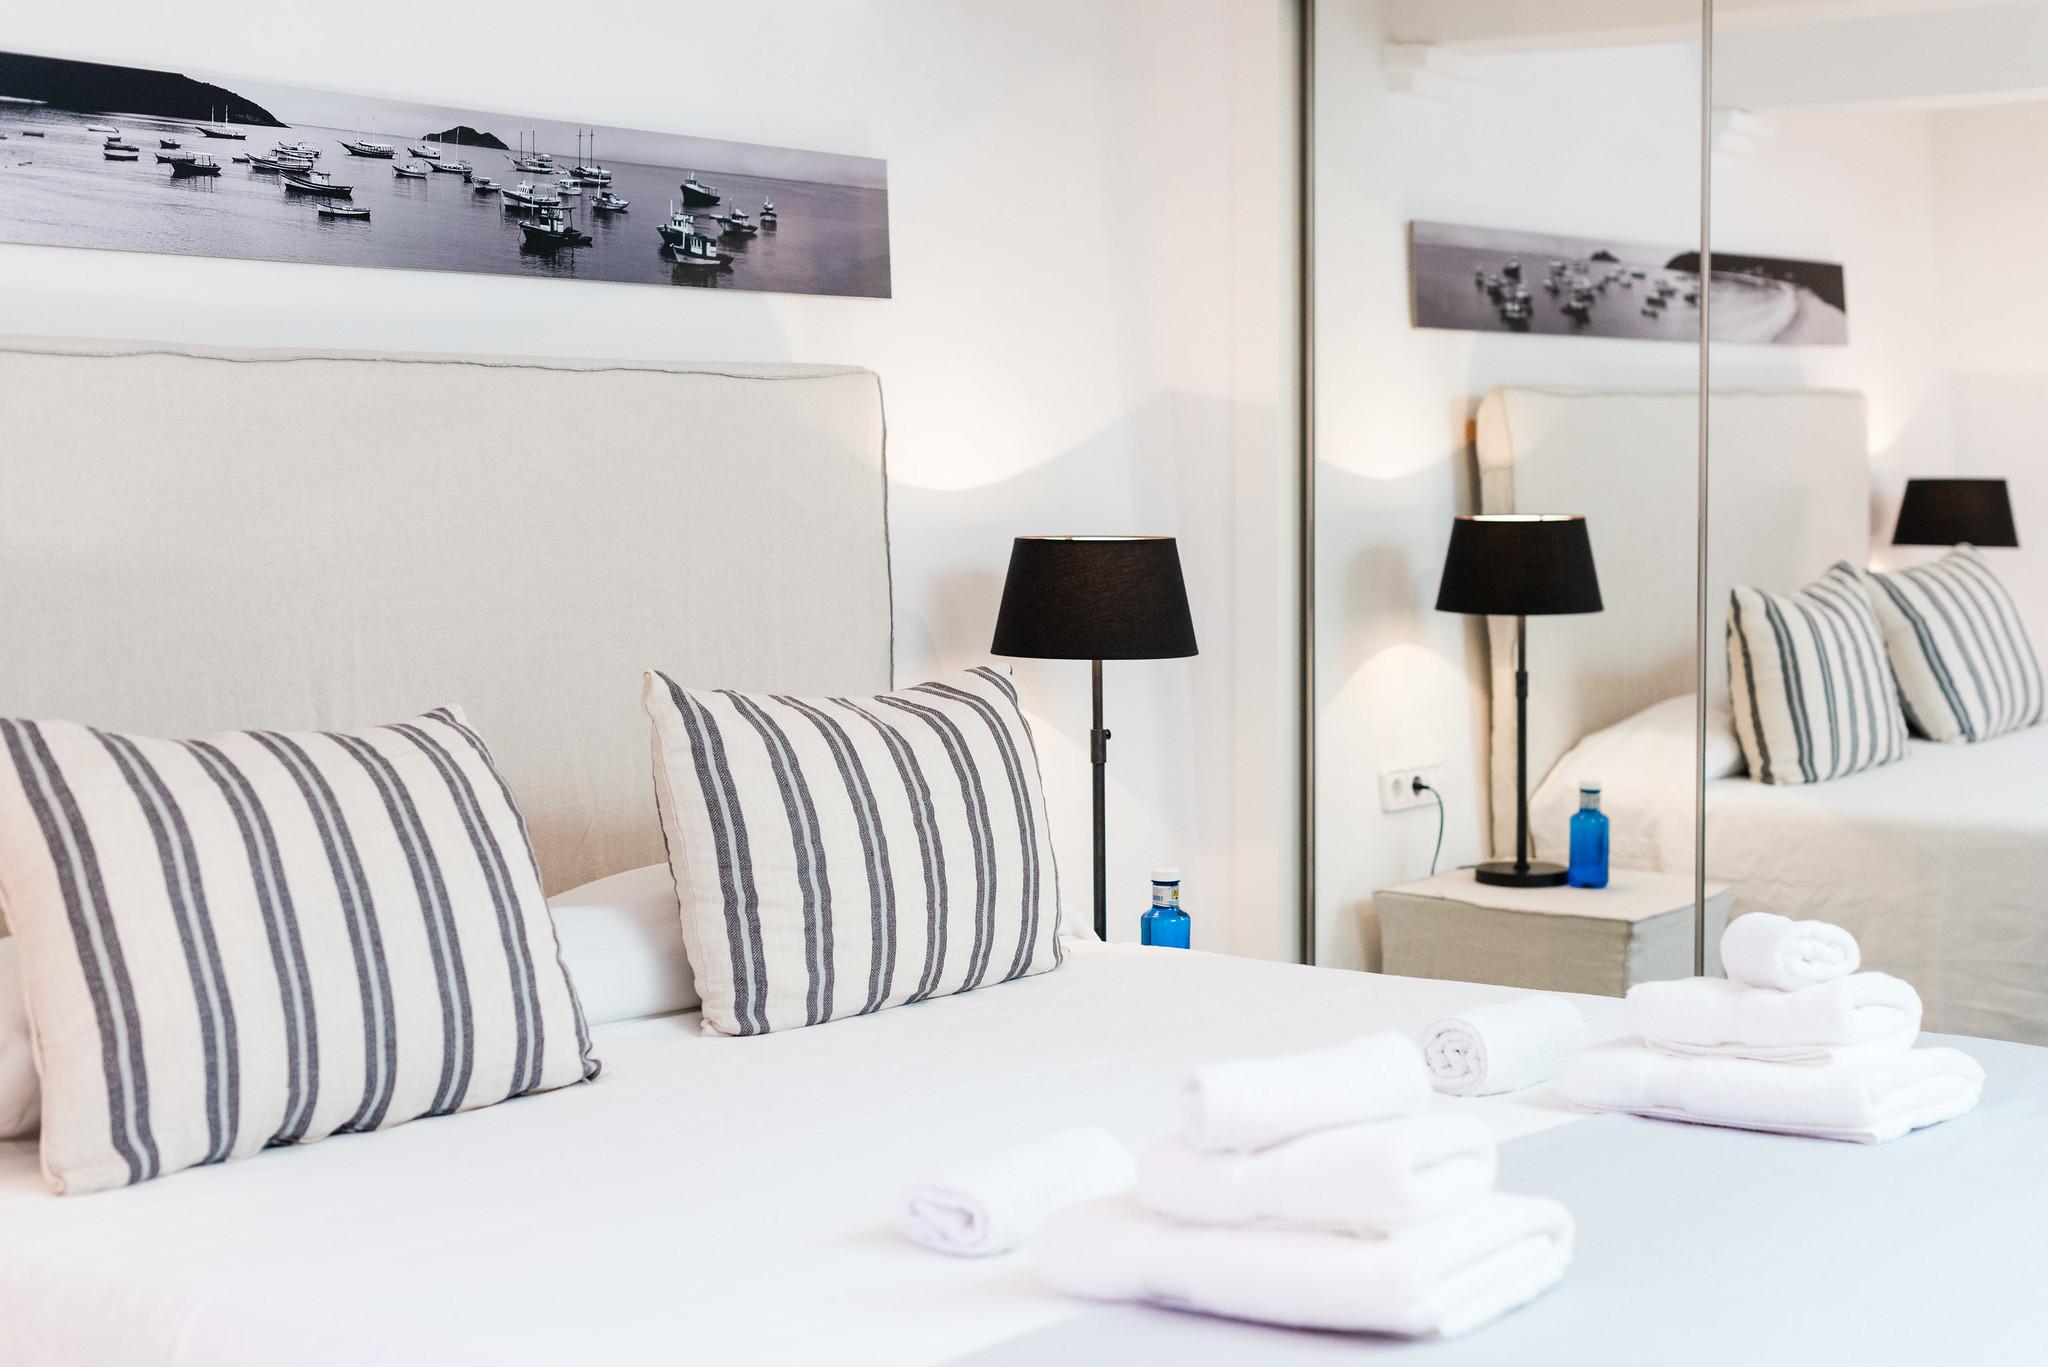 https://www.white-ibiza.com/wp-content/uploads/2020/06/white-ibiza-villas-villa-andrea-interior-bedroom2.jpg